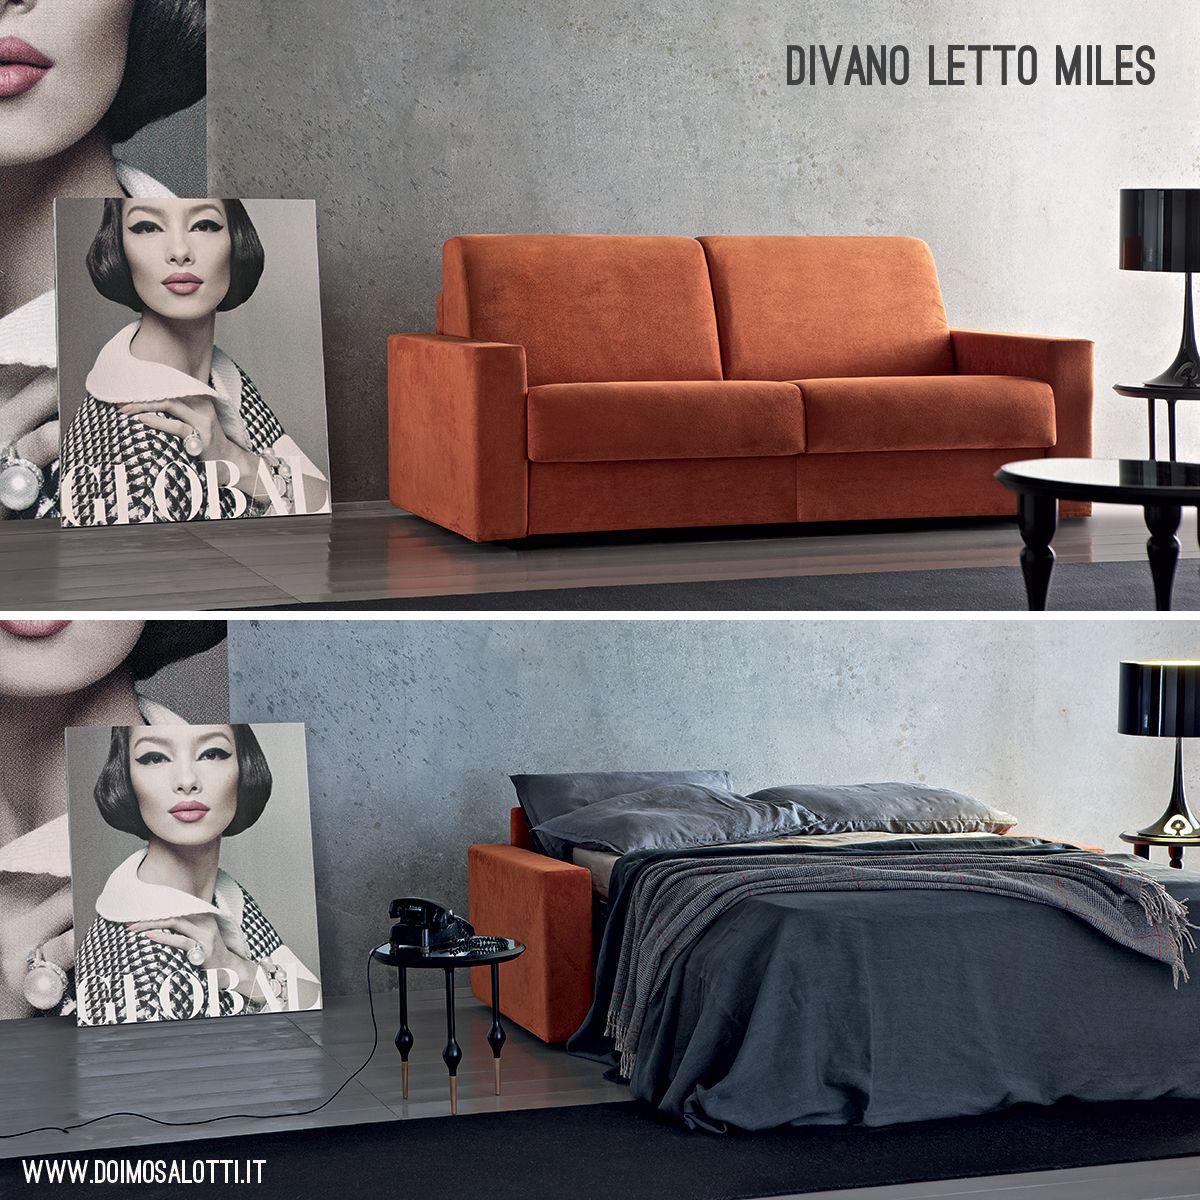 Divano Comodo Per Dormire prima divano, poi letto, poi ancora divano puoi dormire